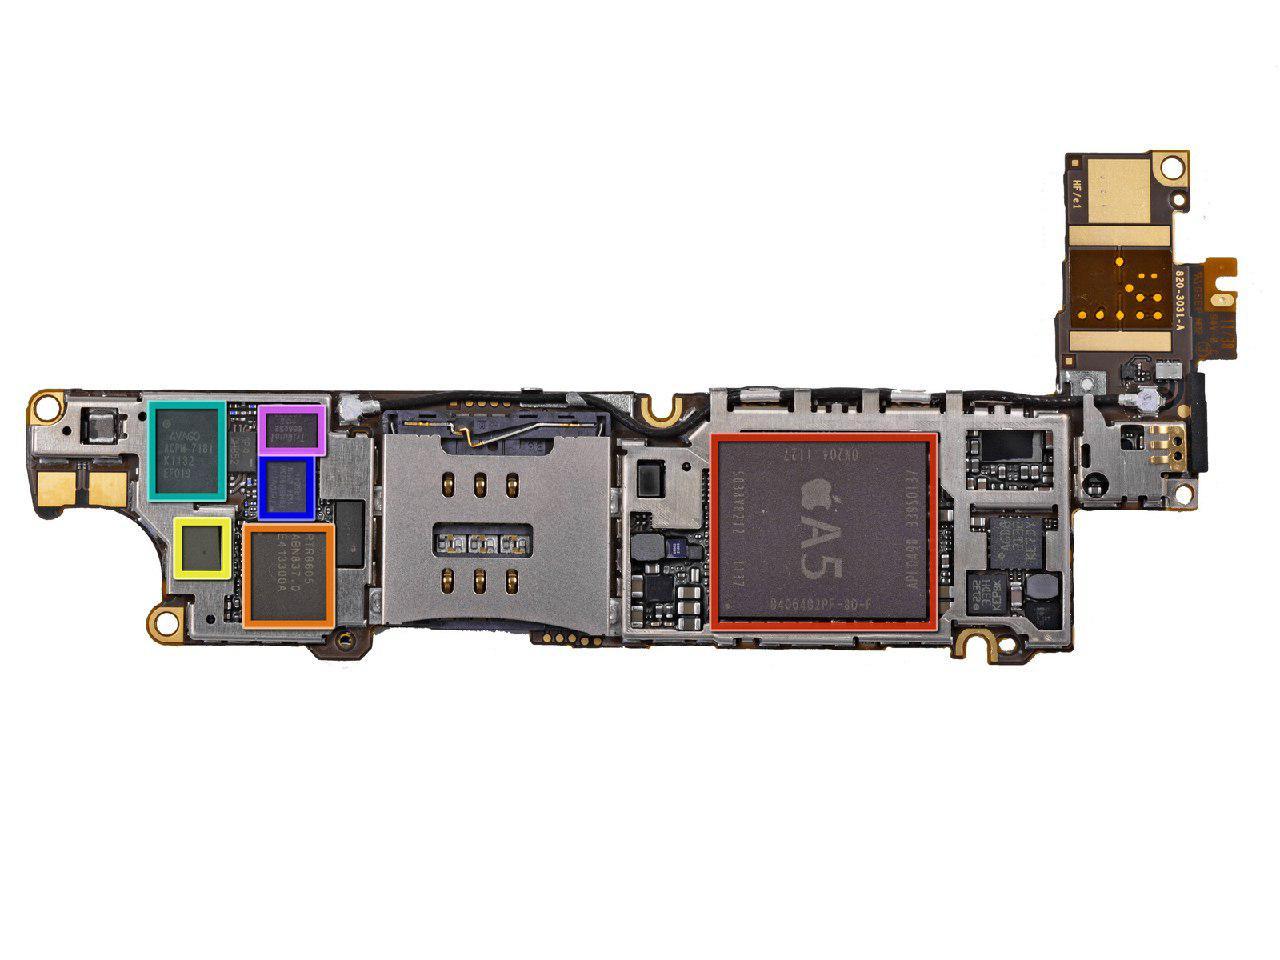 قیمت گوشی ایفون مدل a1332